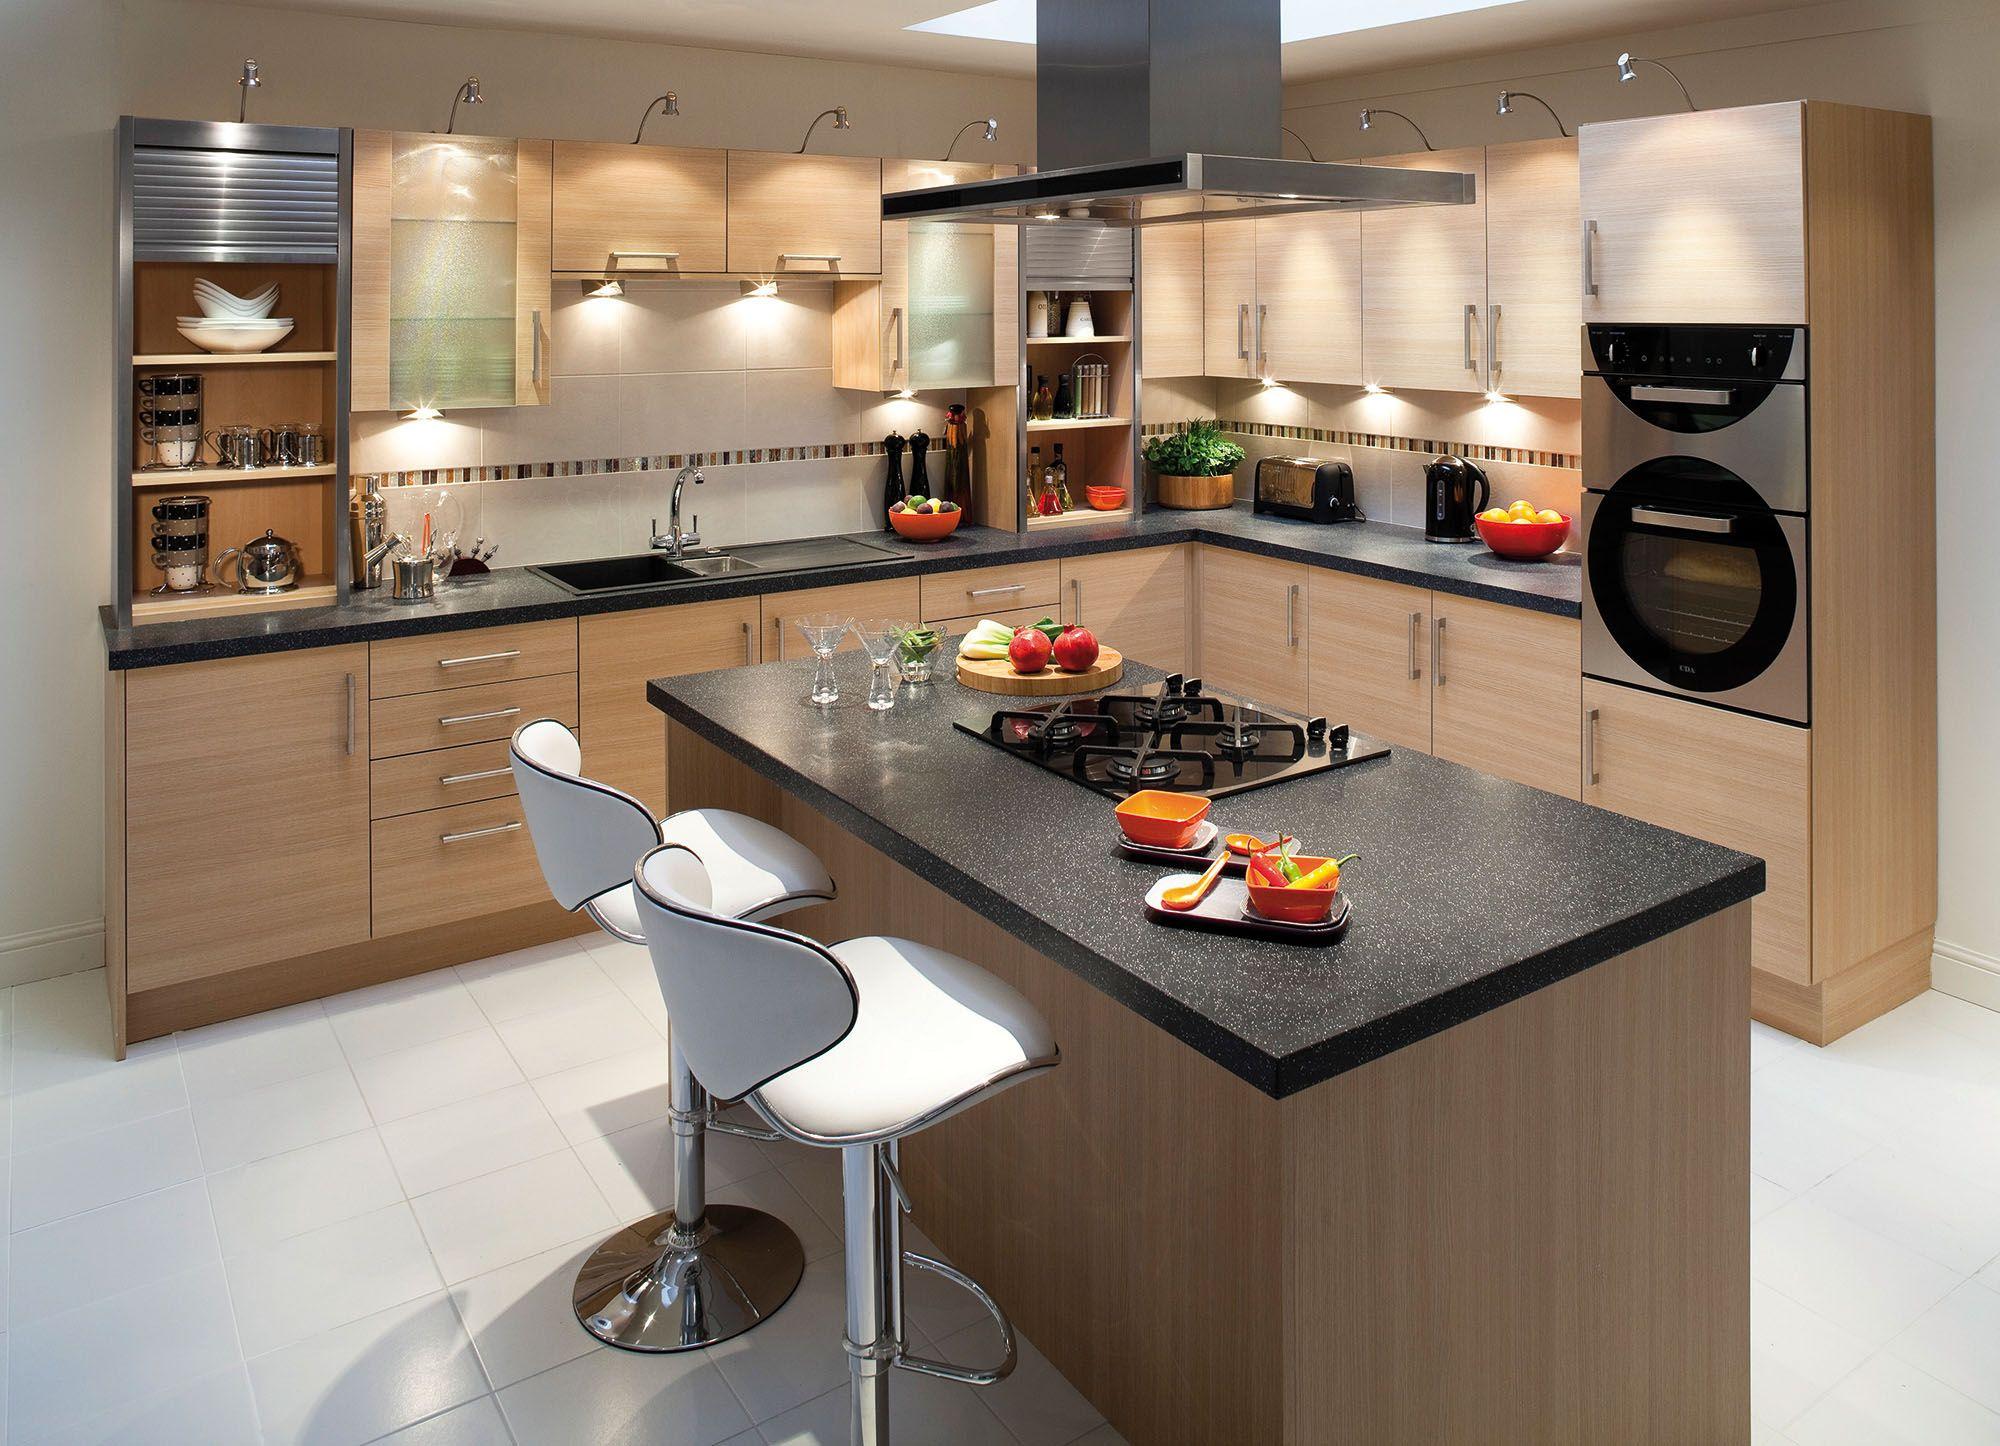 Kitchen Decoration Inspirational Space Saving Ideas Jpg 2000 1446 Interior Design Kitchen Kitchen Design Small Modern Kitchen Design